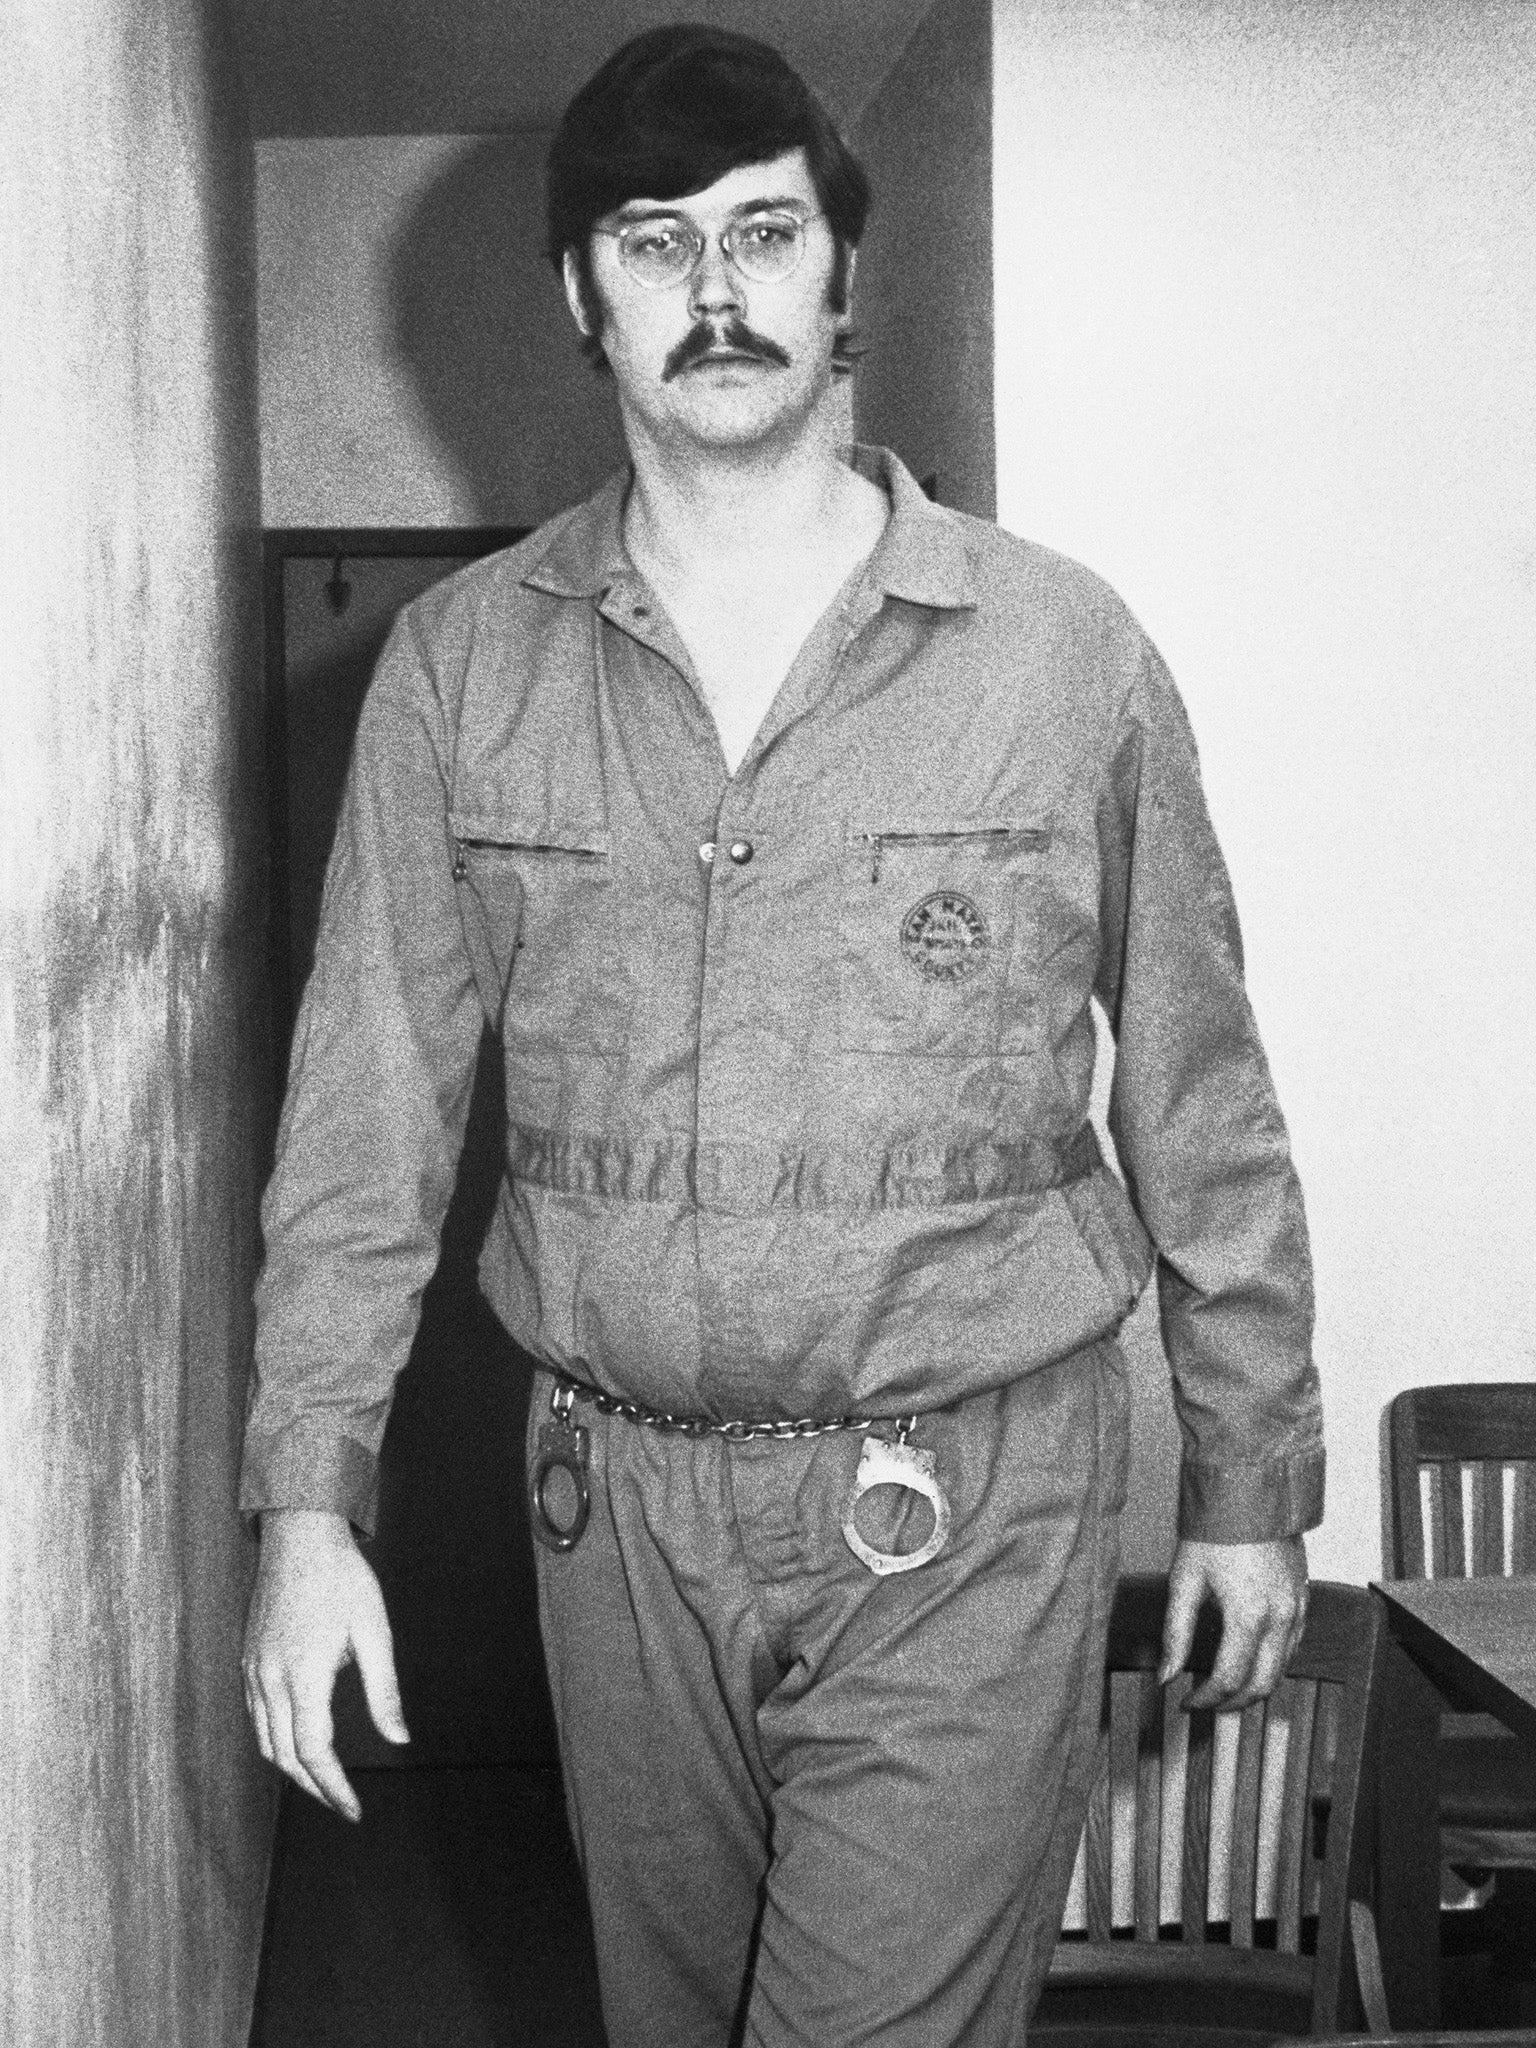 Golden State Killer latest: Who is Joseph DeAngelo? The